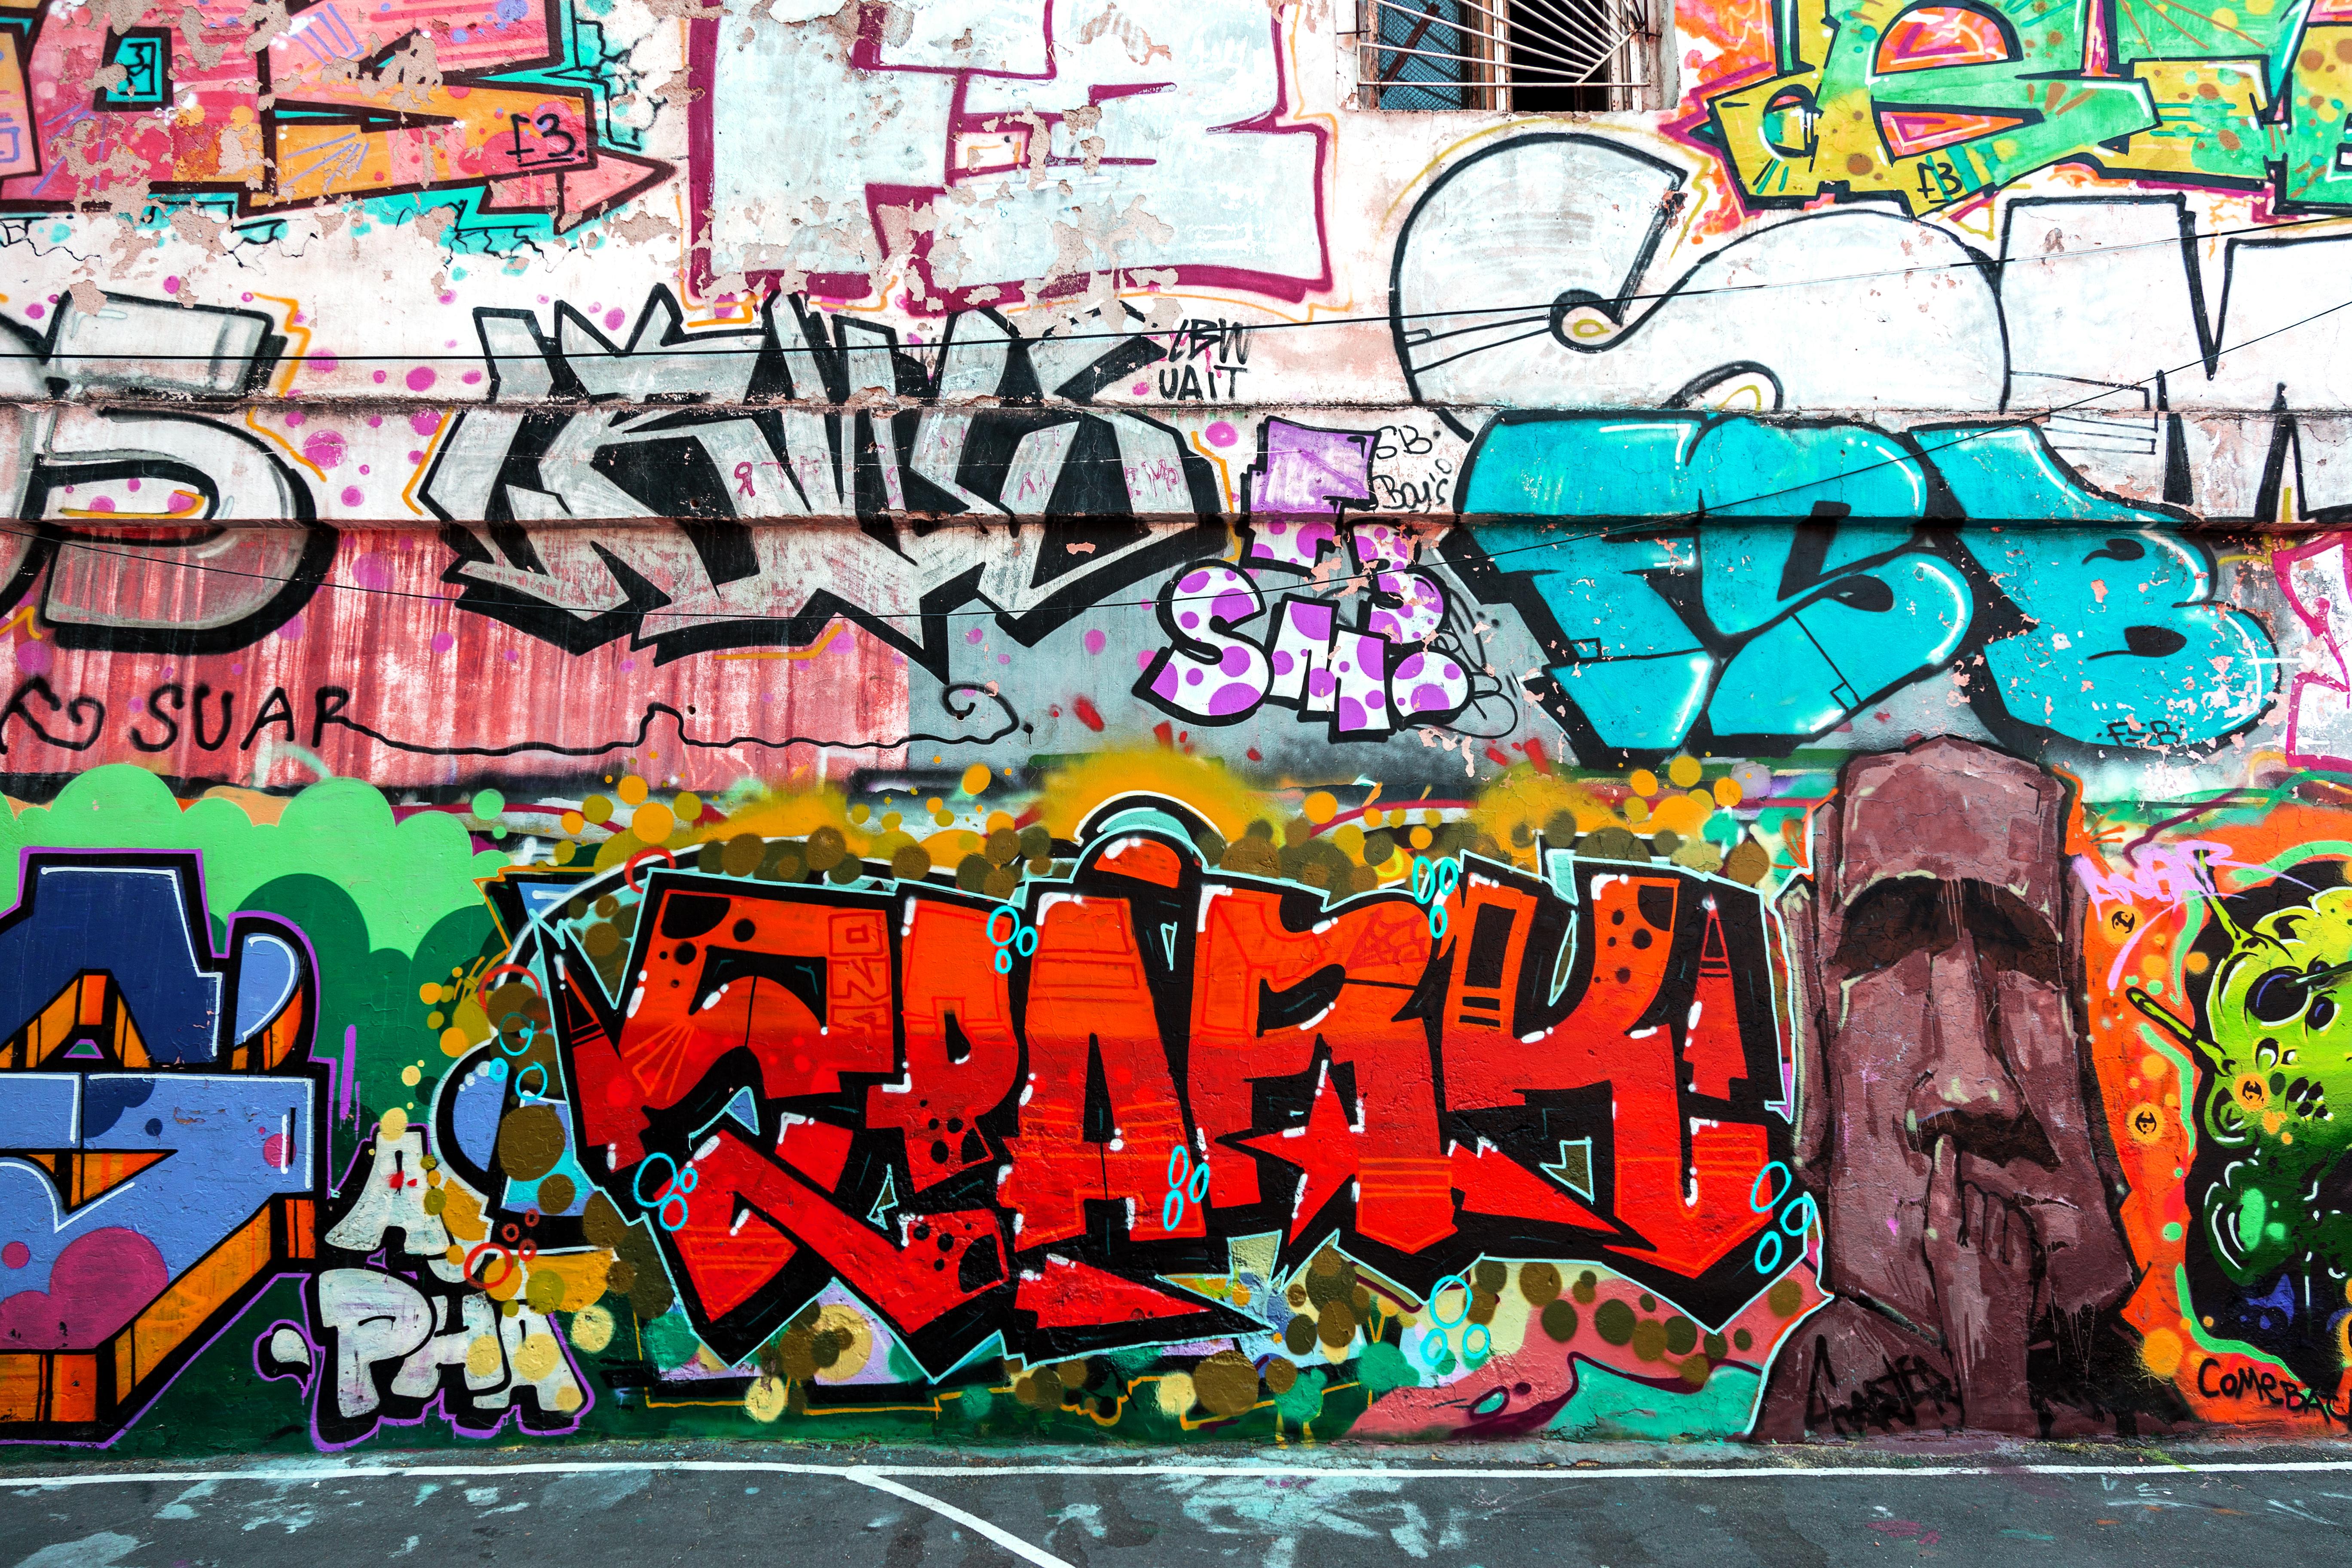 """Školku trápilo nevzhledné graffiti, to pomohli odstranit profesionálové z""""Čištění graffiti Ústí nad Labem"""""""